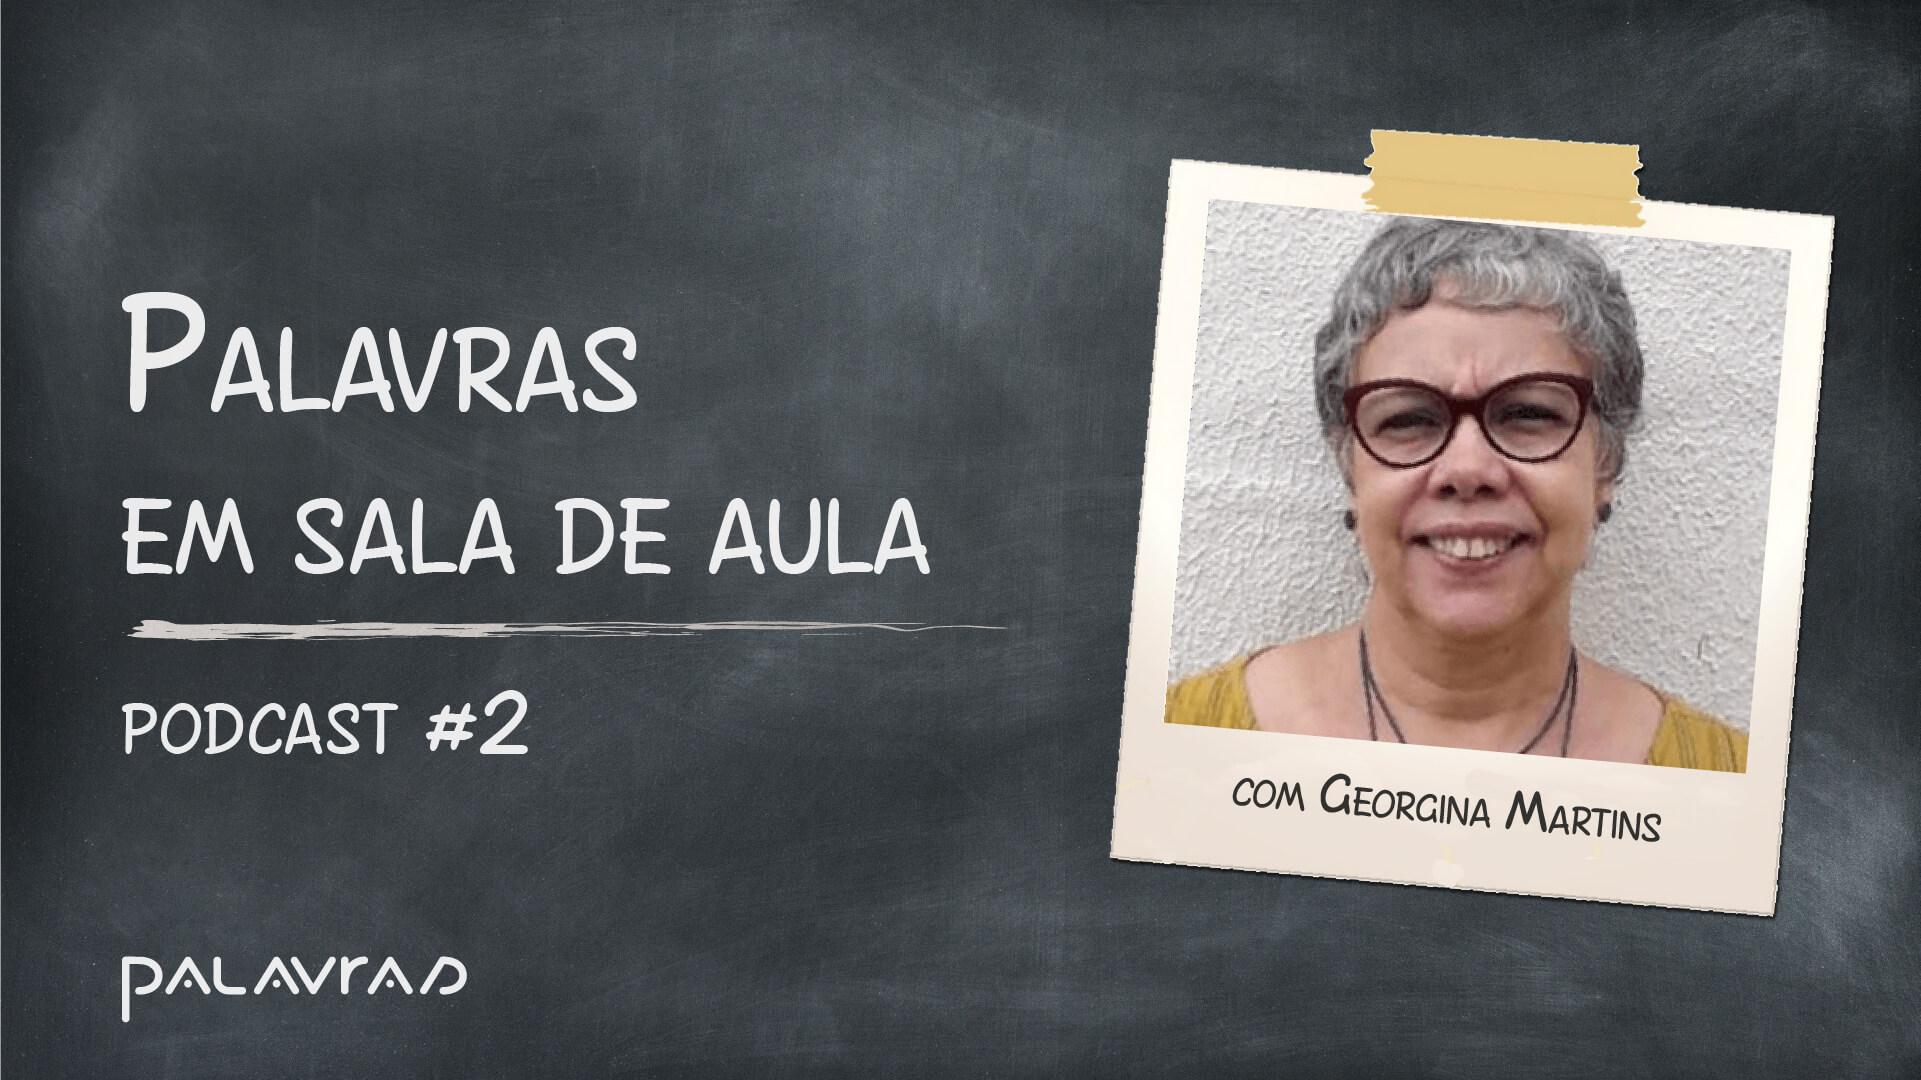 Podcast Palavras em Sala de Aula   #2: Georgina Martins